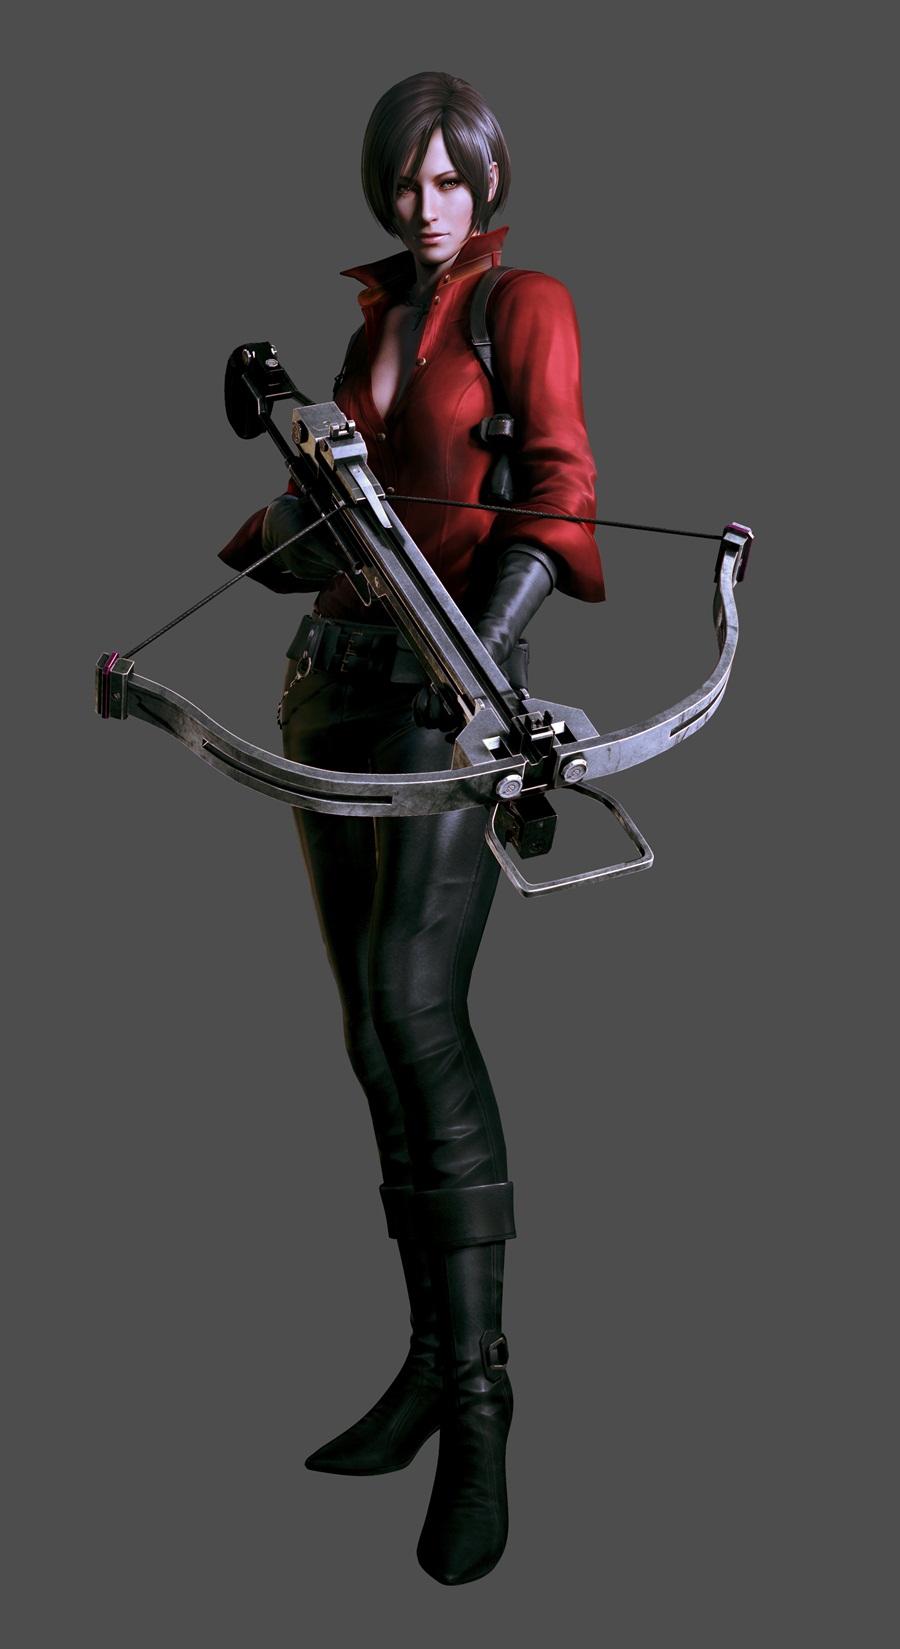 [Oficial] Resident Evil 6 [Ps3/Xbox360/PC] v3.0 - Página 2 RE6_E3_Ada_Wong_psd_jpgcopy